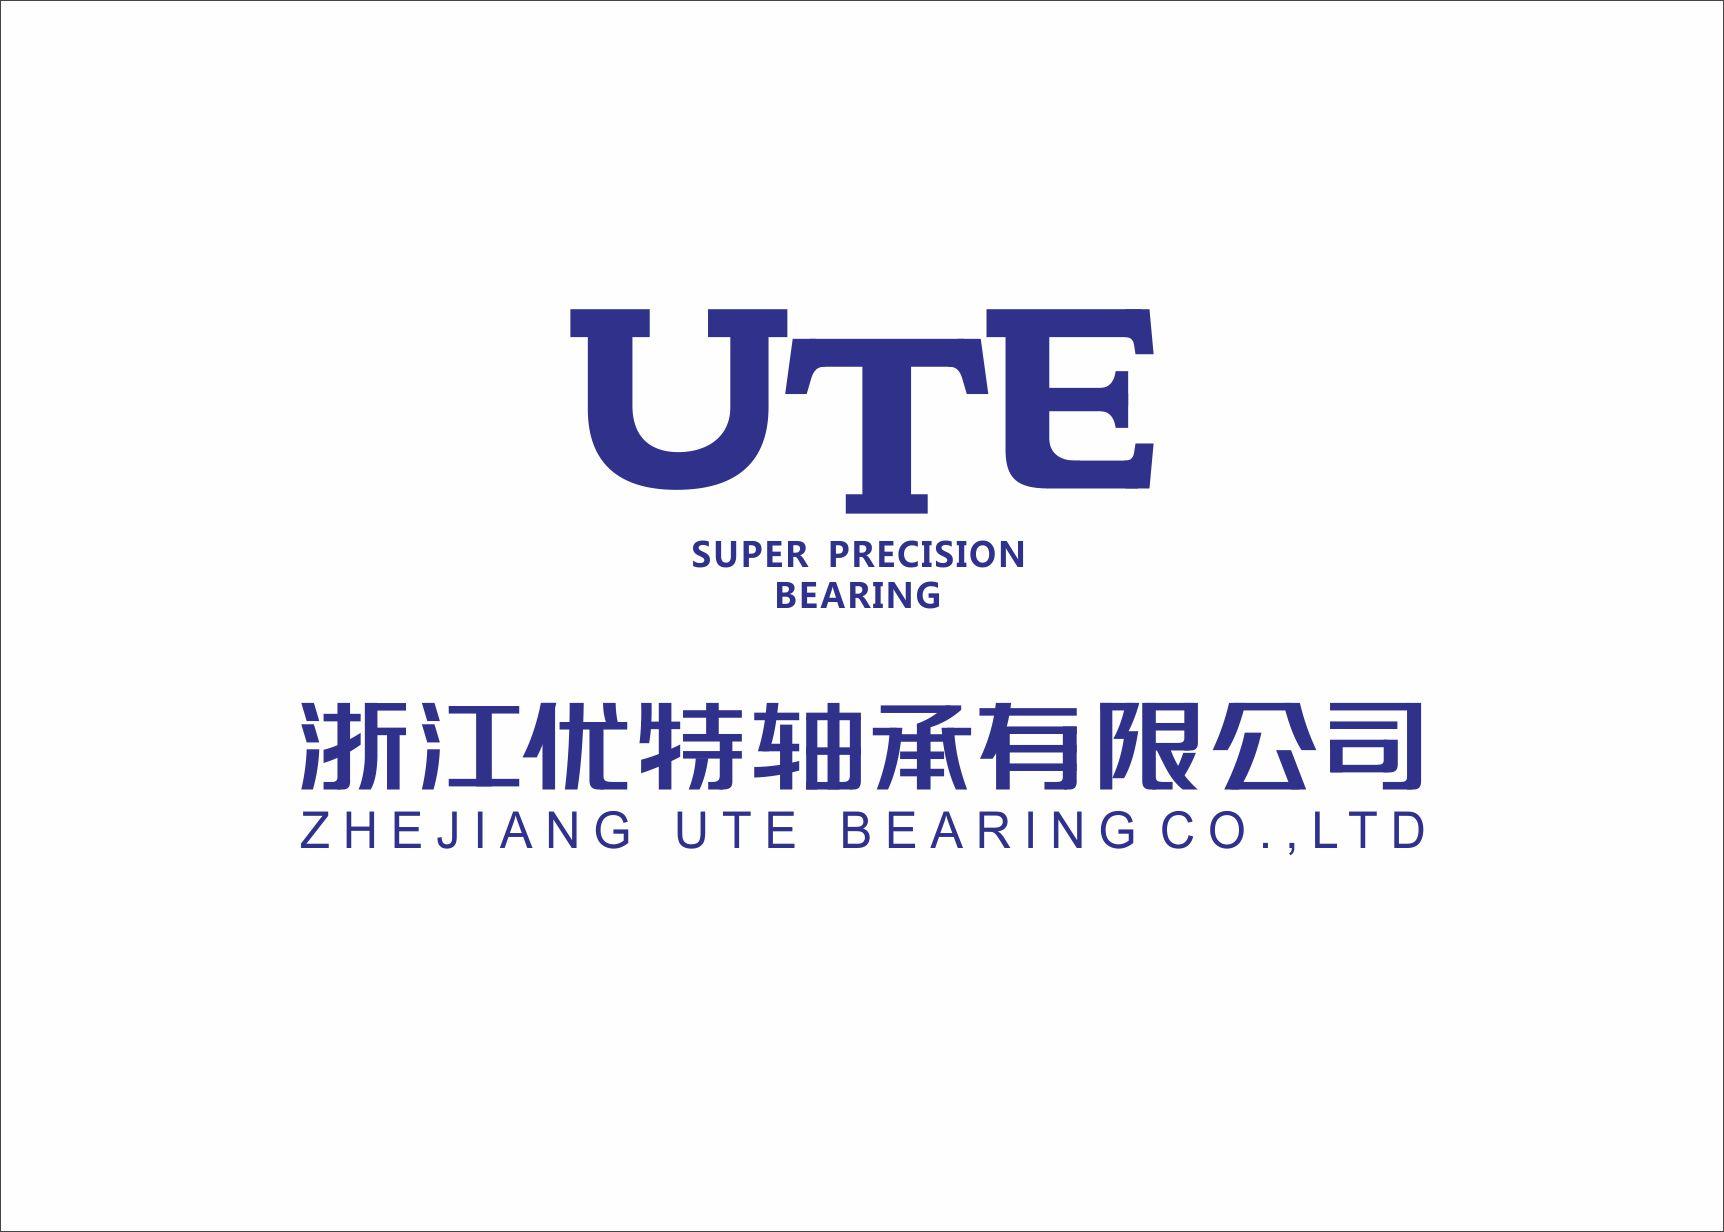 ZHEJIANG UTE BEARING CO. LTD